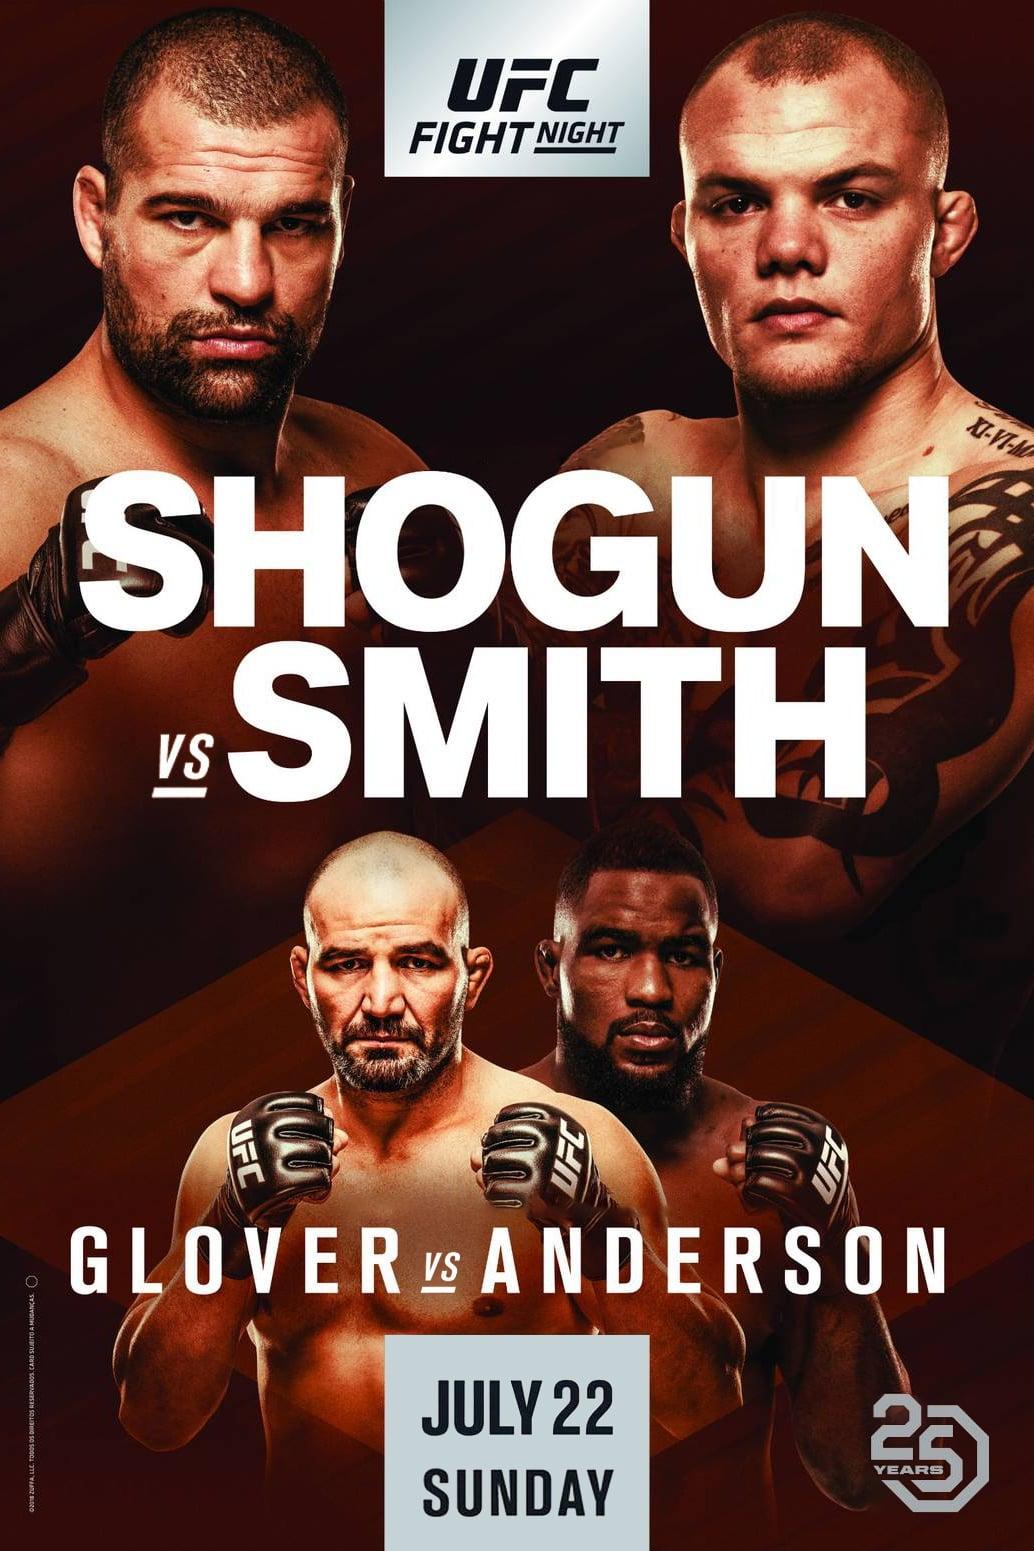 UFC Fight Night 134: Shogun vs. Smith